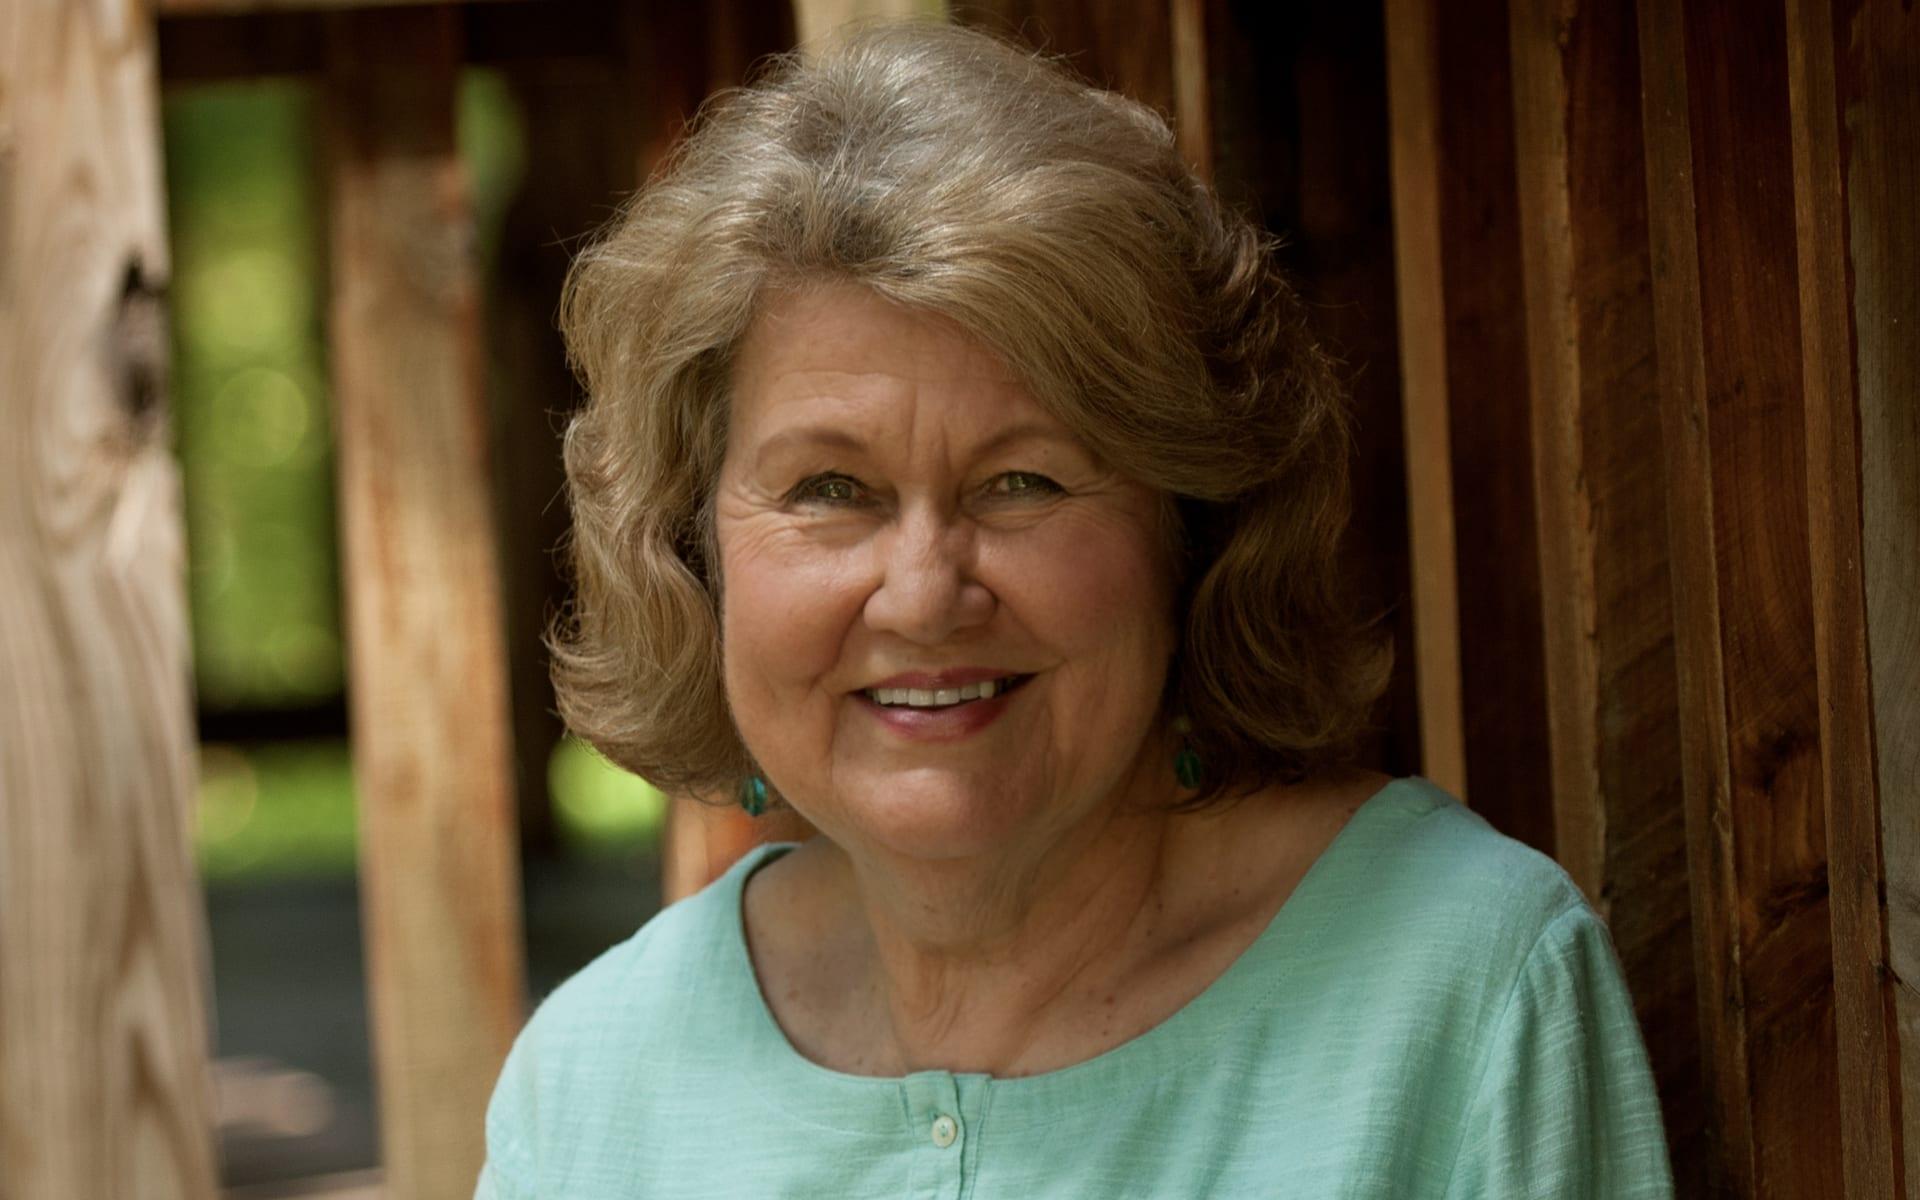 Karen Geisen